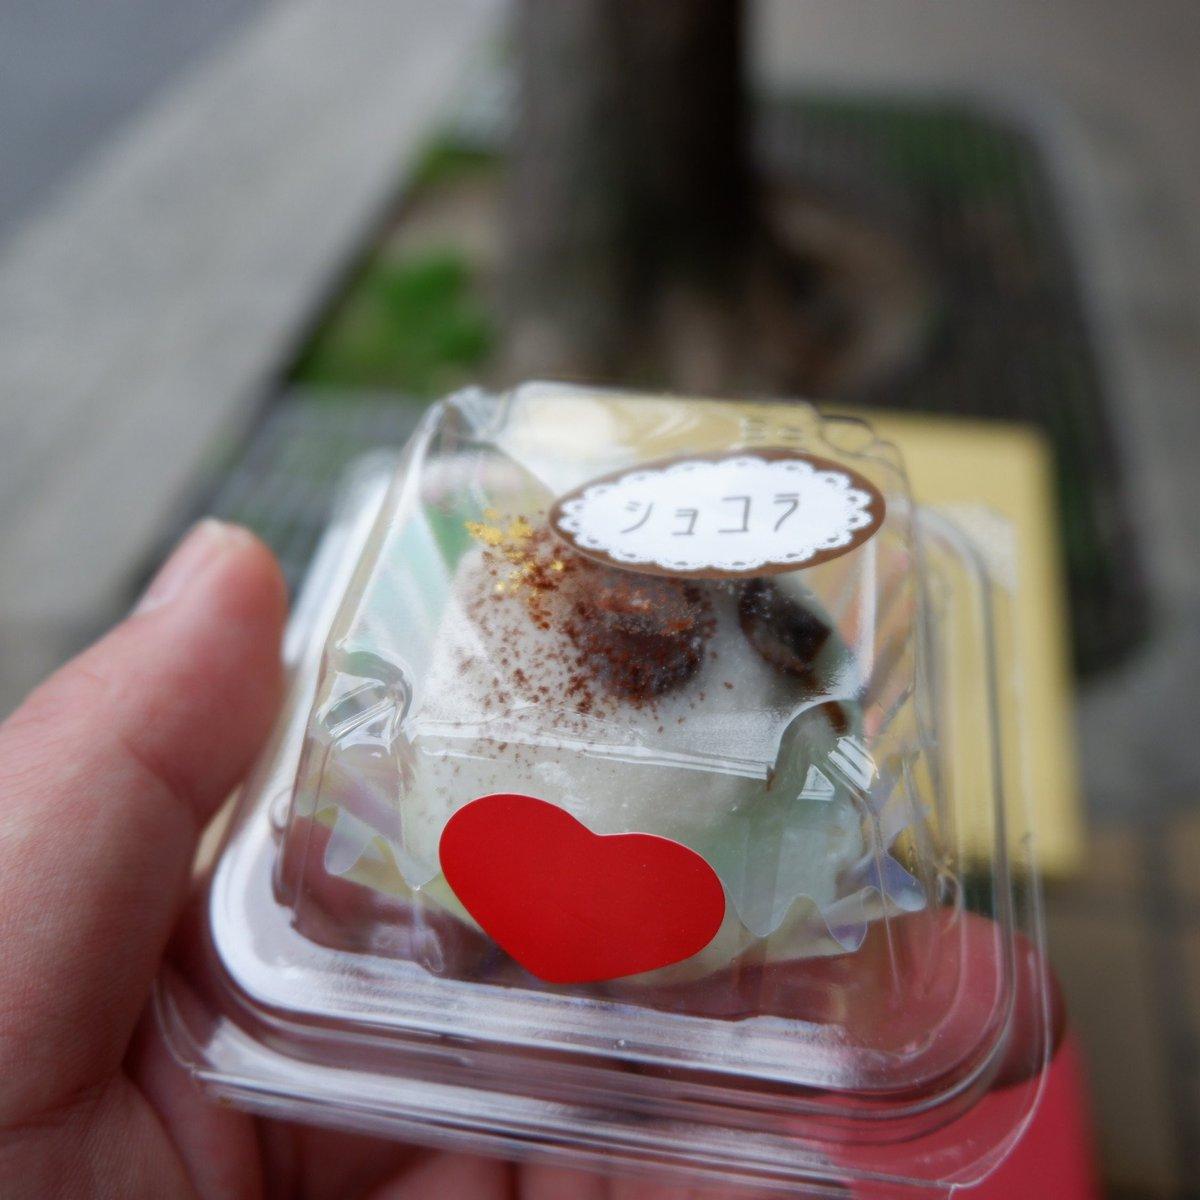 test ツイッターメディア - 京都最初の食べ歩き✨ 出町ふたばで、名代豆餅とバレンタインだからかあった、ショコラ豆餅を✨どちらも美味しかった☺  #京都 #出町ふたば #FM岡山 #ウィーパラ #サウンドrsk https://t.co/T5Mf3rdMip